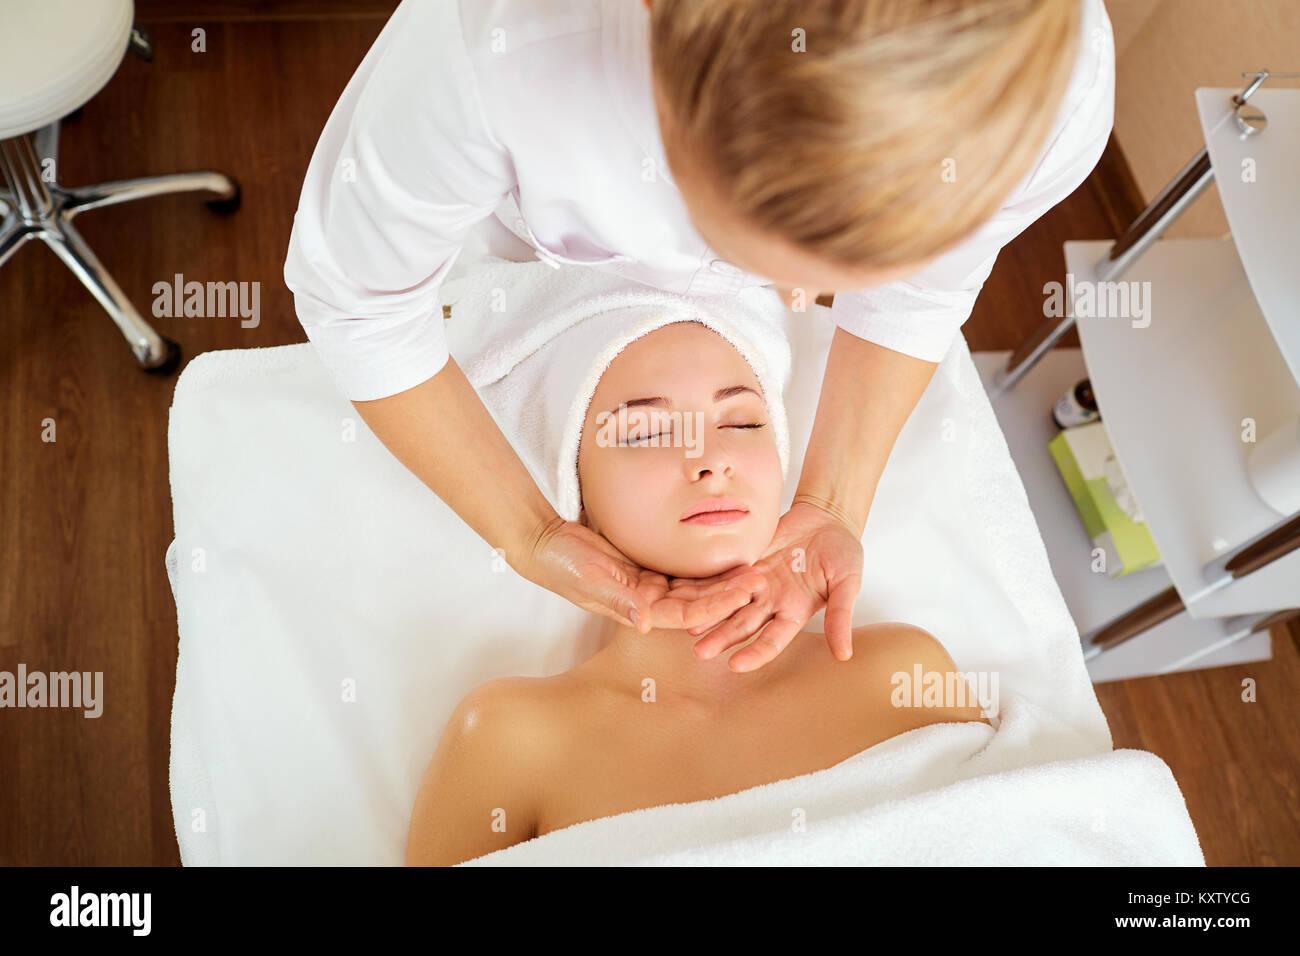 Schöne Frau mit einer Gesichtsmassage. Stockbild